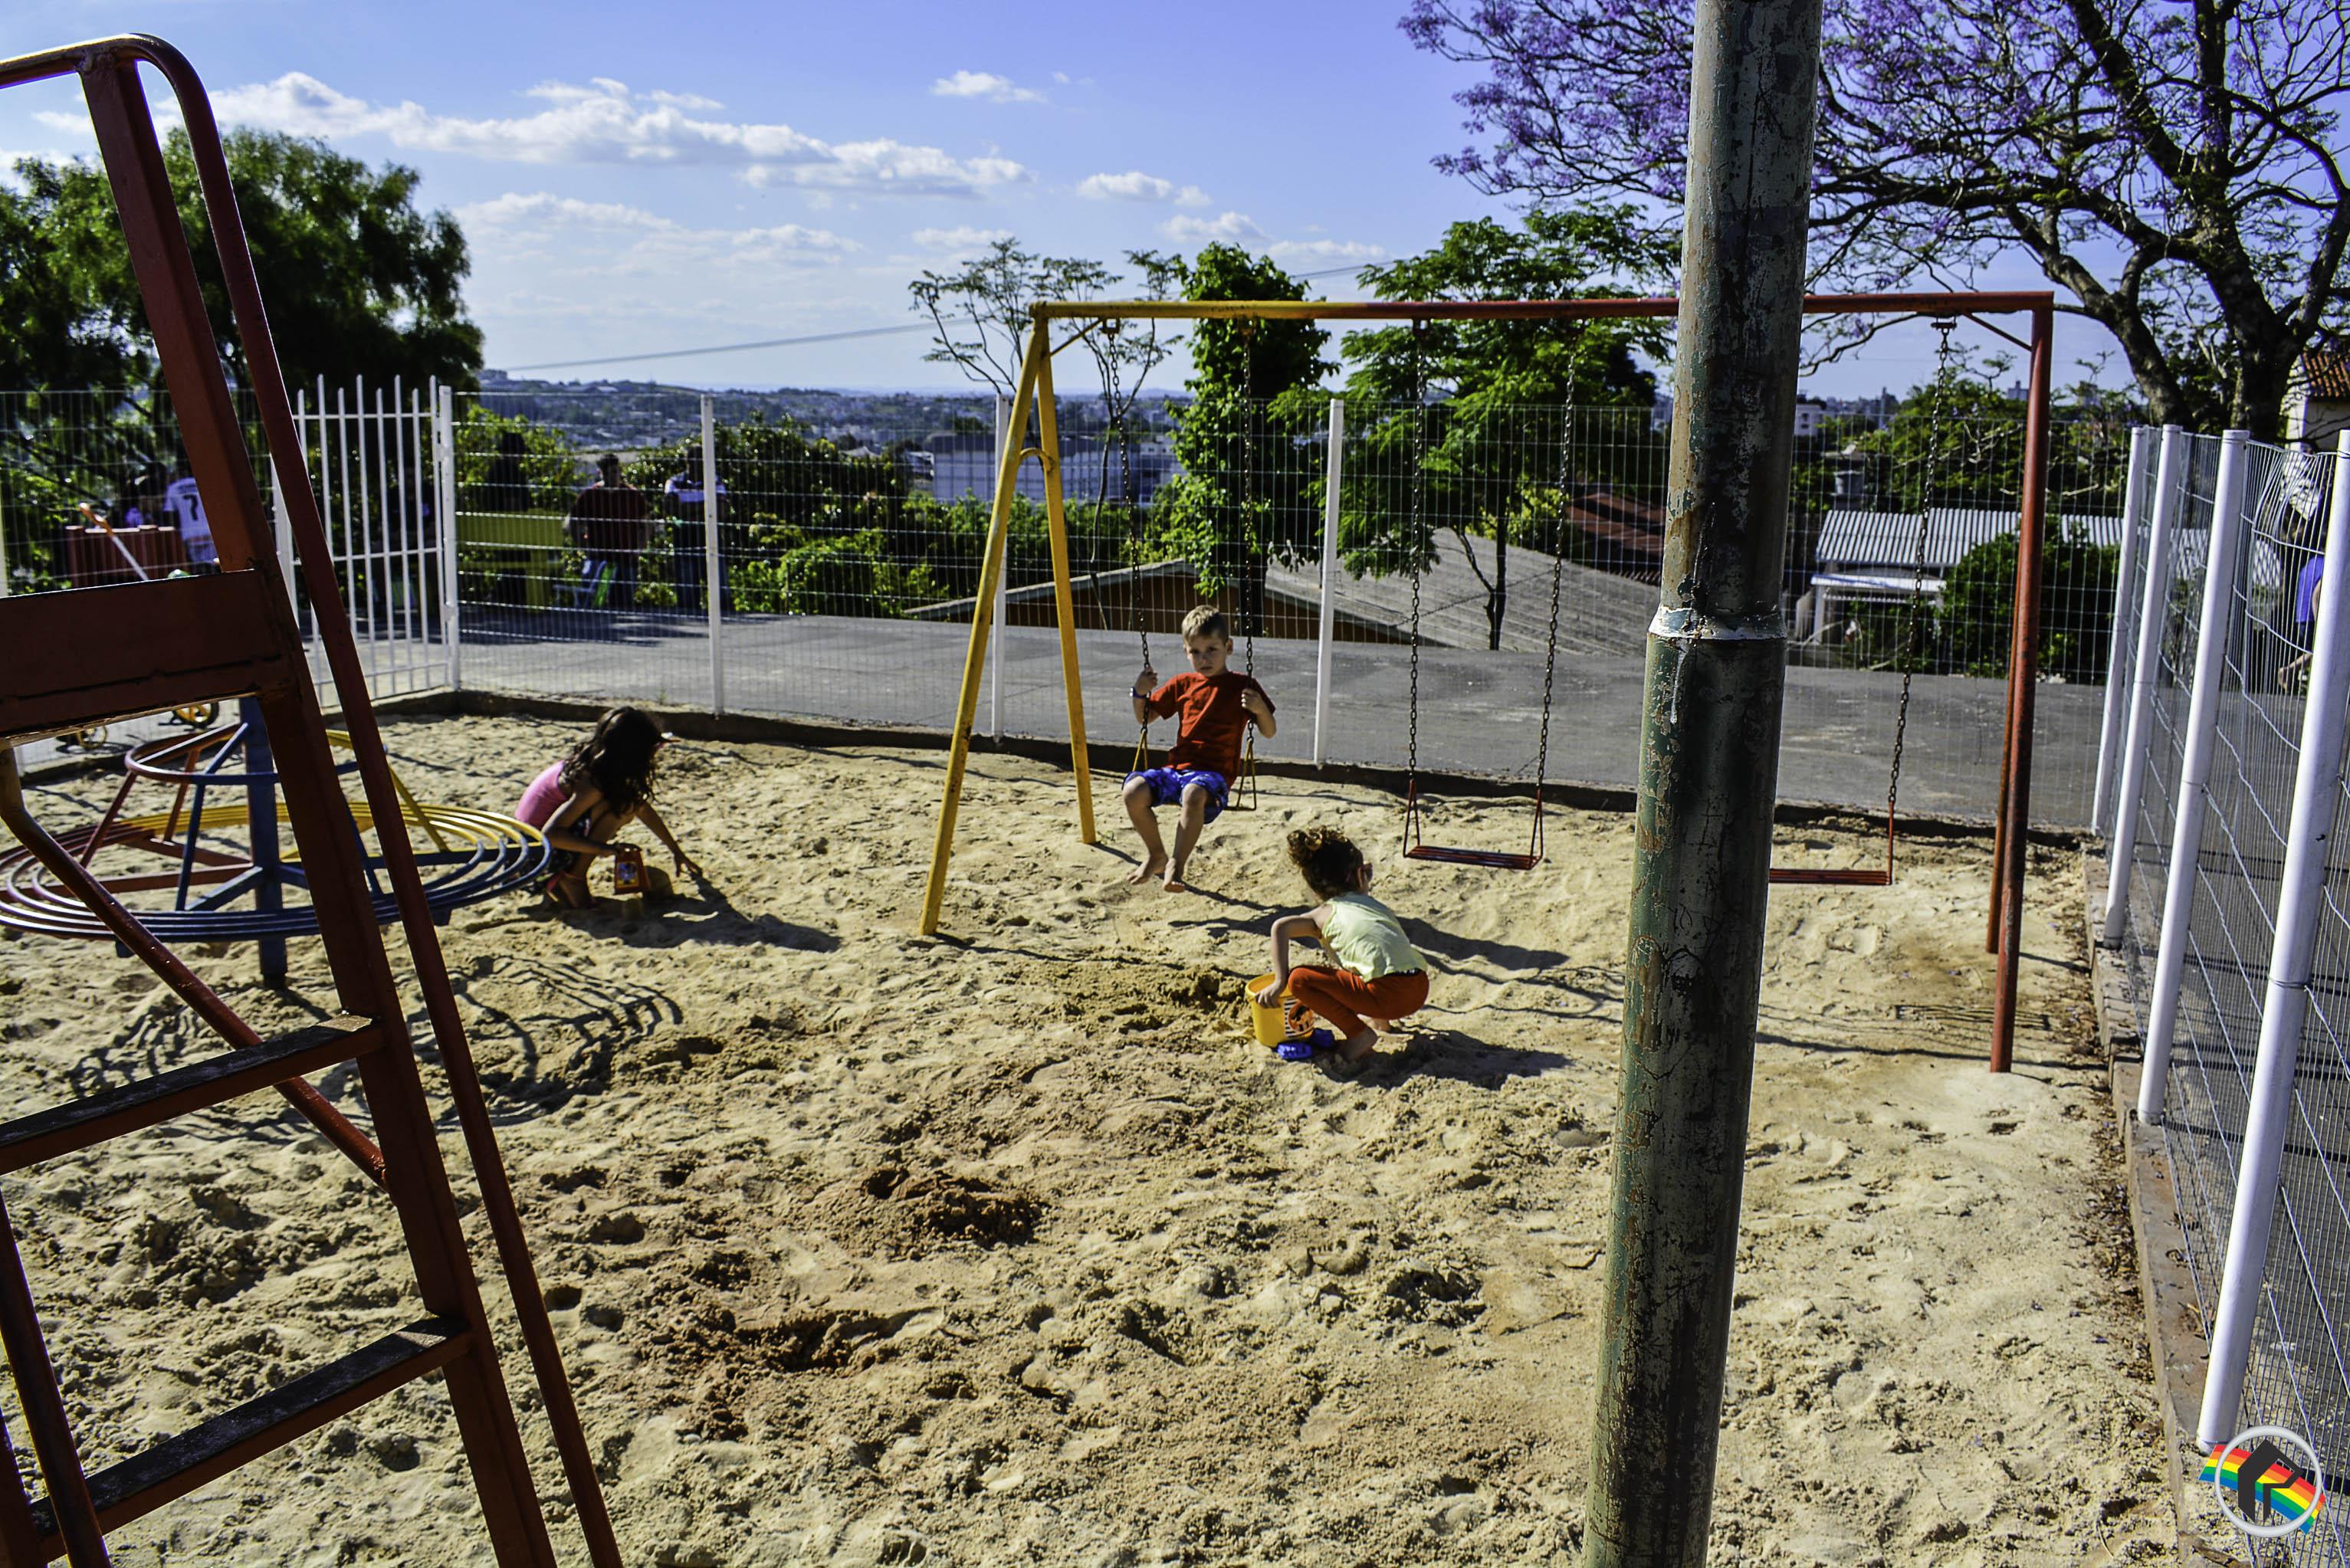 Programação especial marca entrega de praça revitalizada no bairro São Jorge